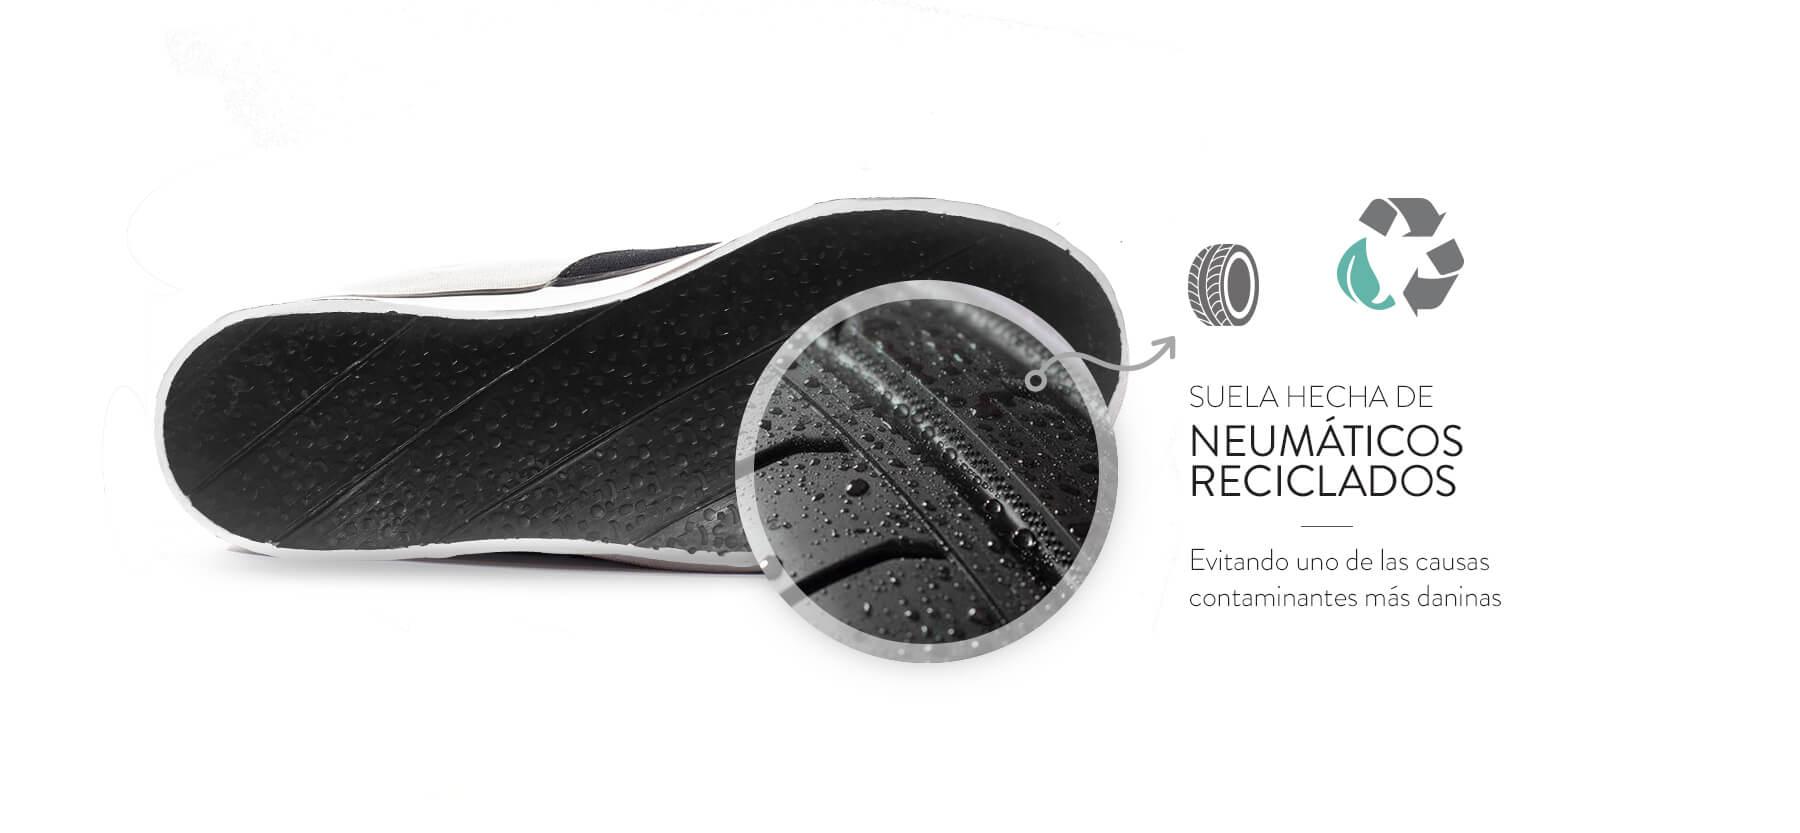 Calzados de neumáticos y mochilas de silobolsas: cómo es reciclar para hacer moda